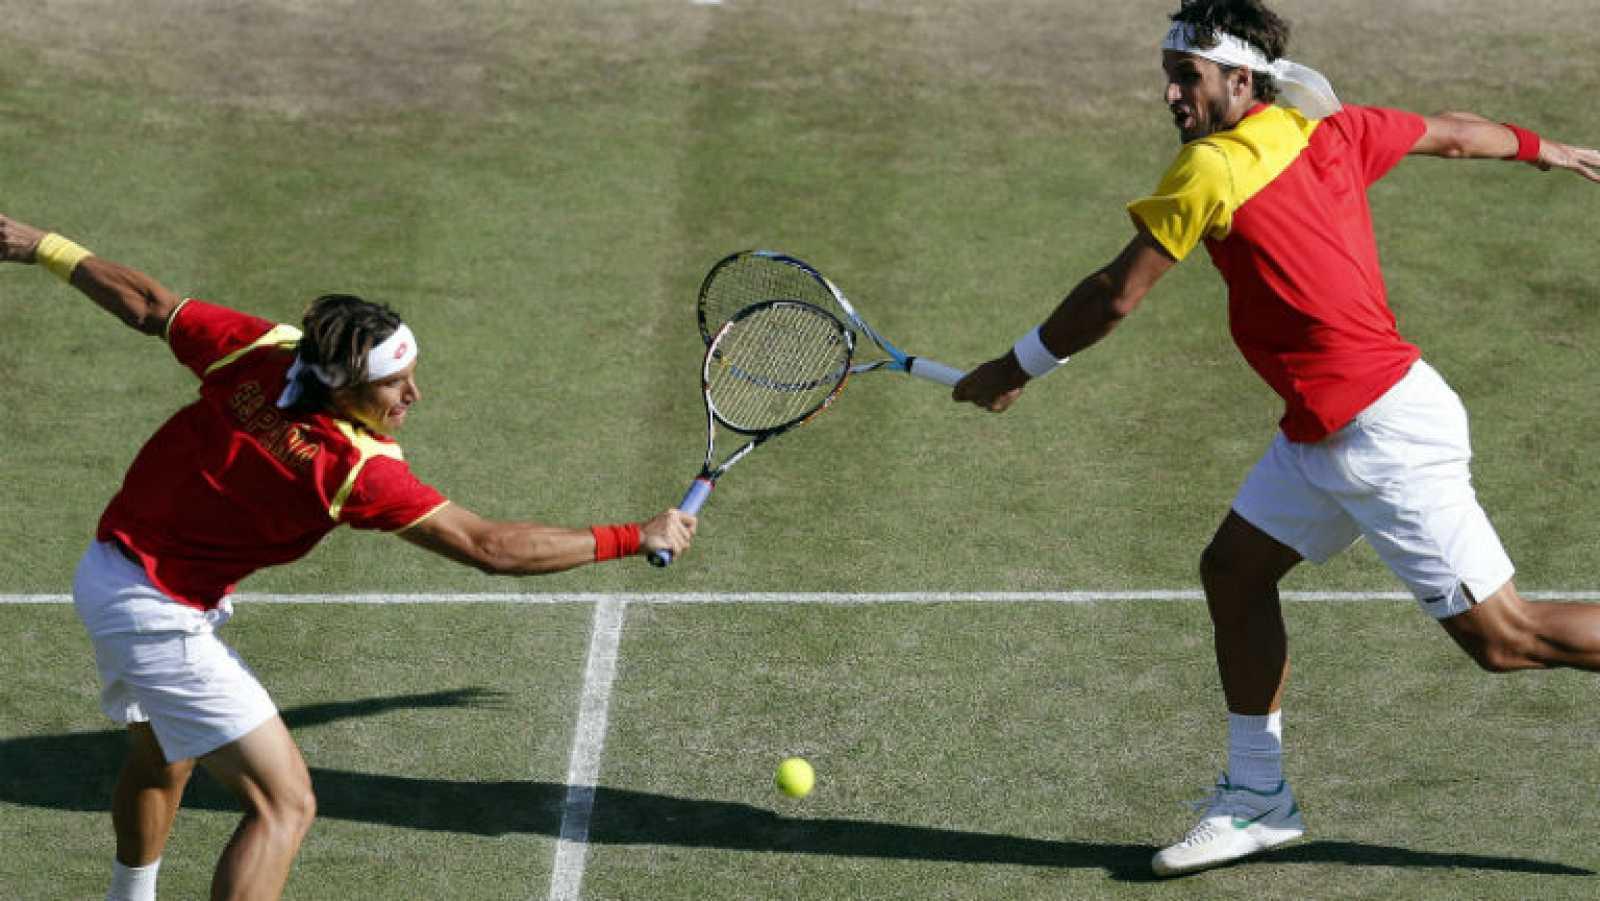 La pareja de dobles española, formada por Ferrer y Feliciano, ha caído derrotada en las semifinales de Londres 2012 ante la pareja francesa formada por Tsonga y Llodra, y tendrá que jugarse la medalla de bronce ante los también franceses Benneteau y